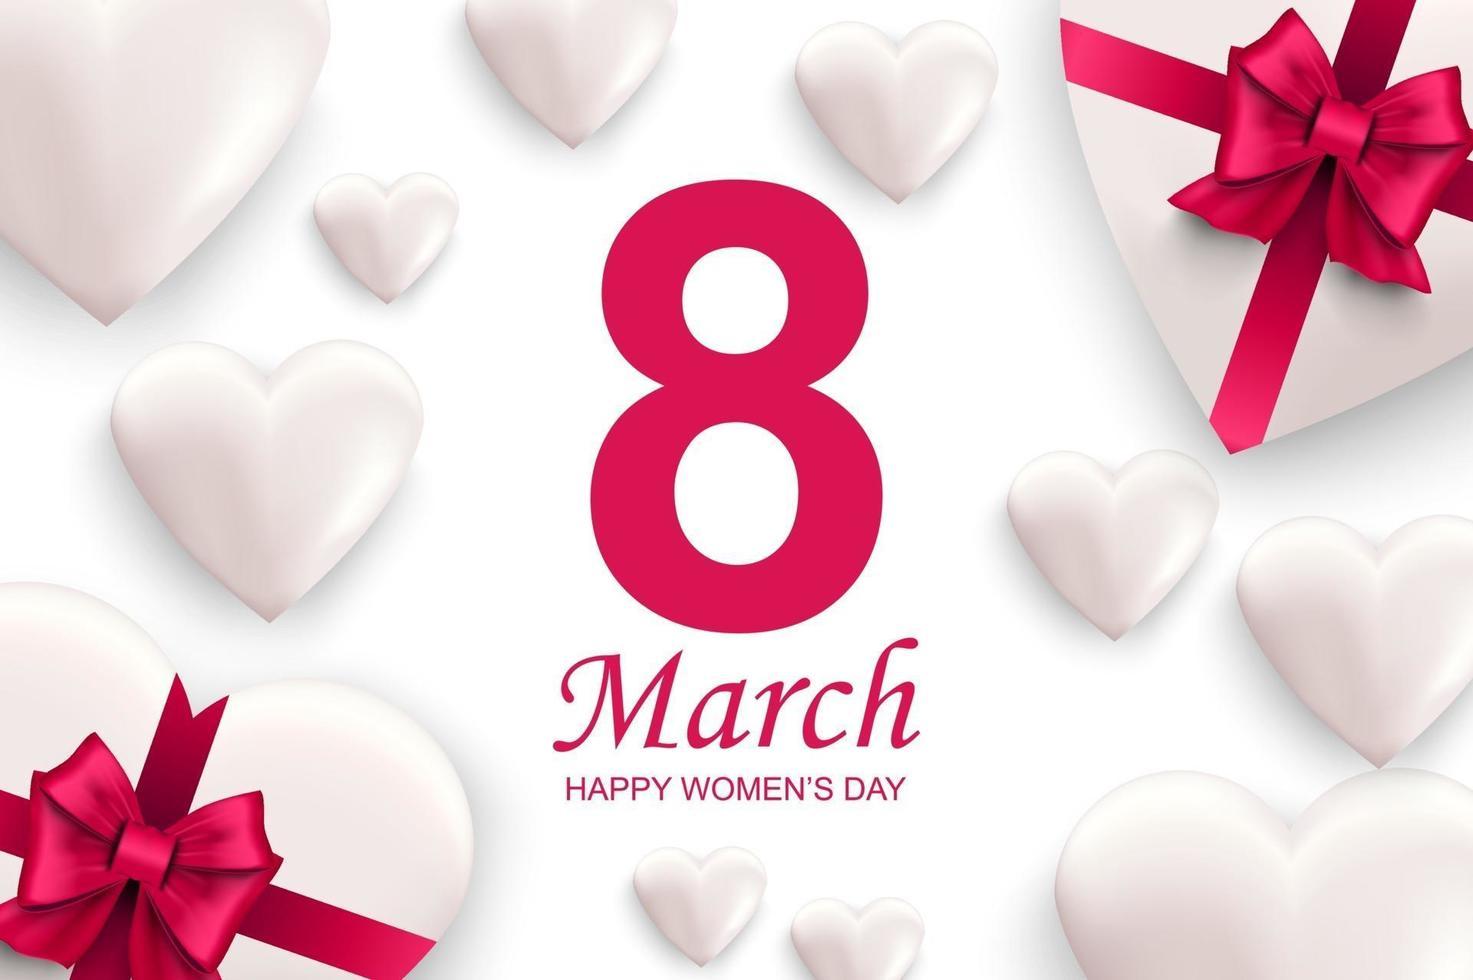 glückliche Frauentagsgrußkarte. weiße Herzen mit rosa Schleifen. vektor